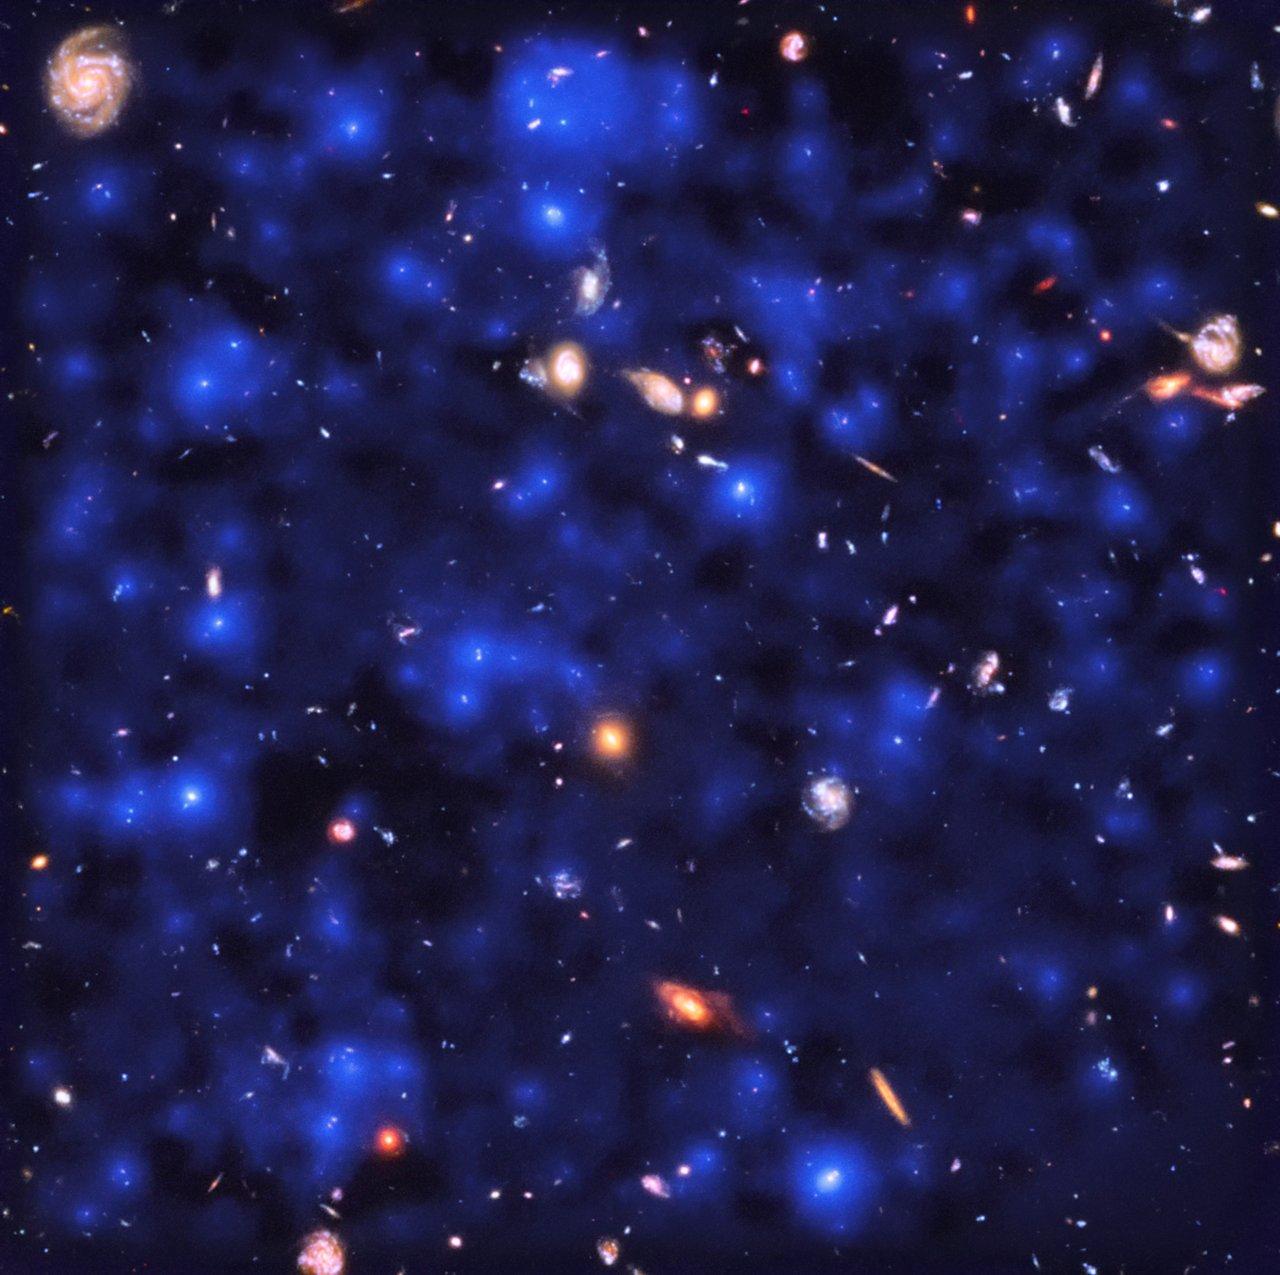 La exquisita sensibilidad de MUSE permitió la observación directa de nubes oscuras de hidrógeno brillando con emisión de Lyman-alfa en el Universo temprano, lo que revela que casi todo el cielo nocturno está invisiblemente encendido